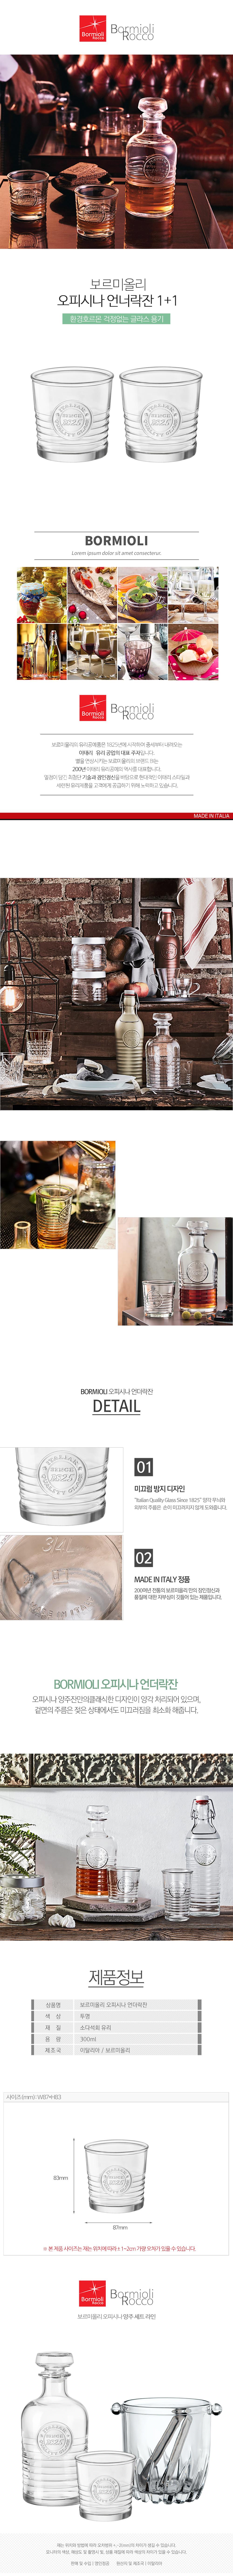 오피시나 1825 언더락잔 300ml 1+1 - 보르미올리로코, 12,500원, 유리컵/술잔, 양주/위스키잔